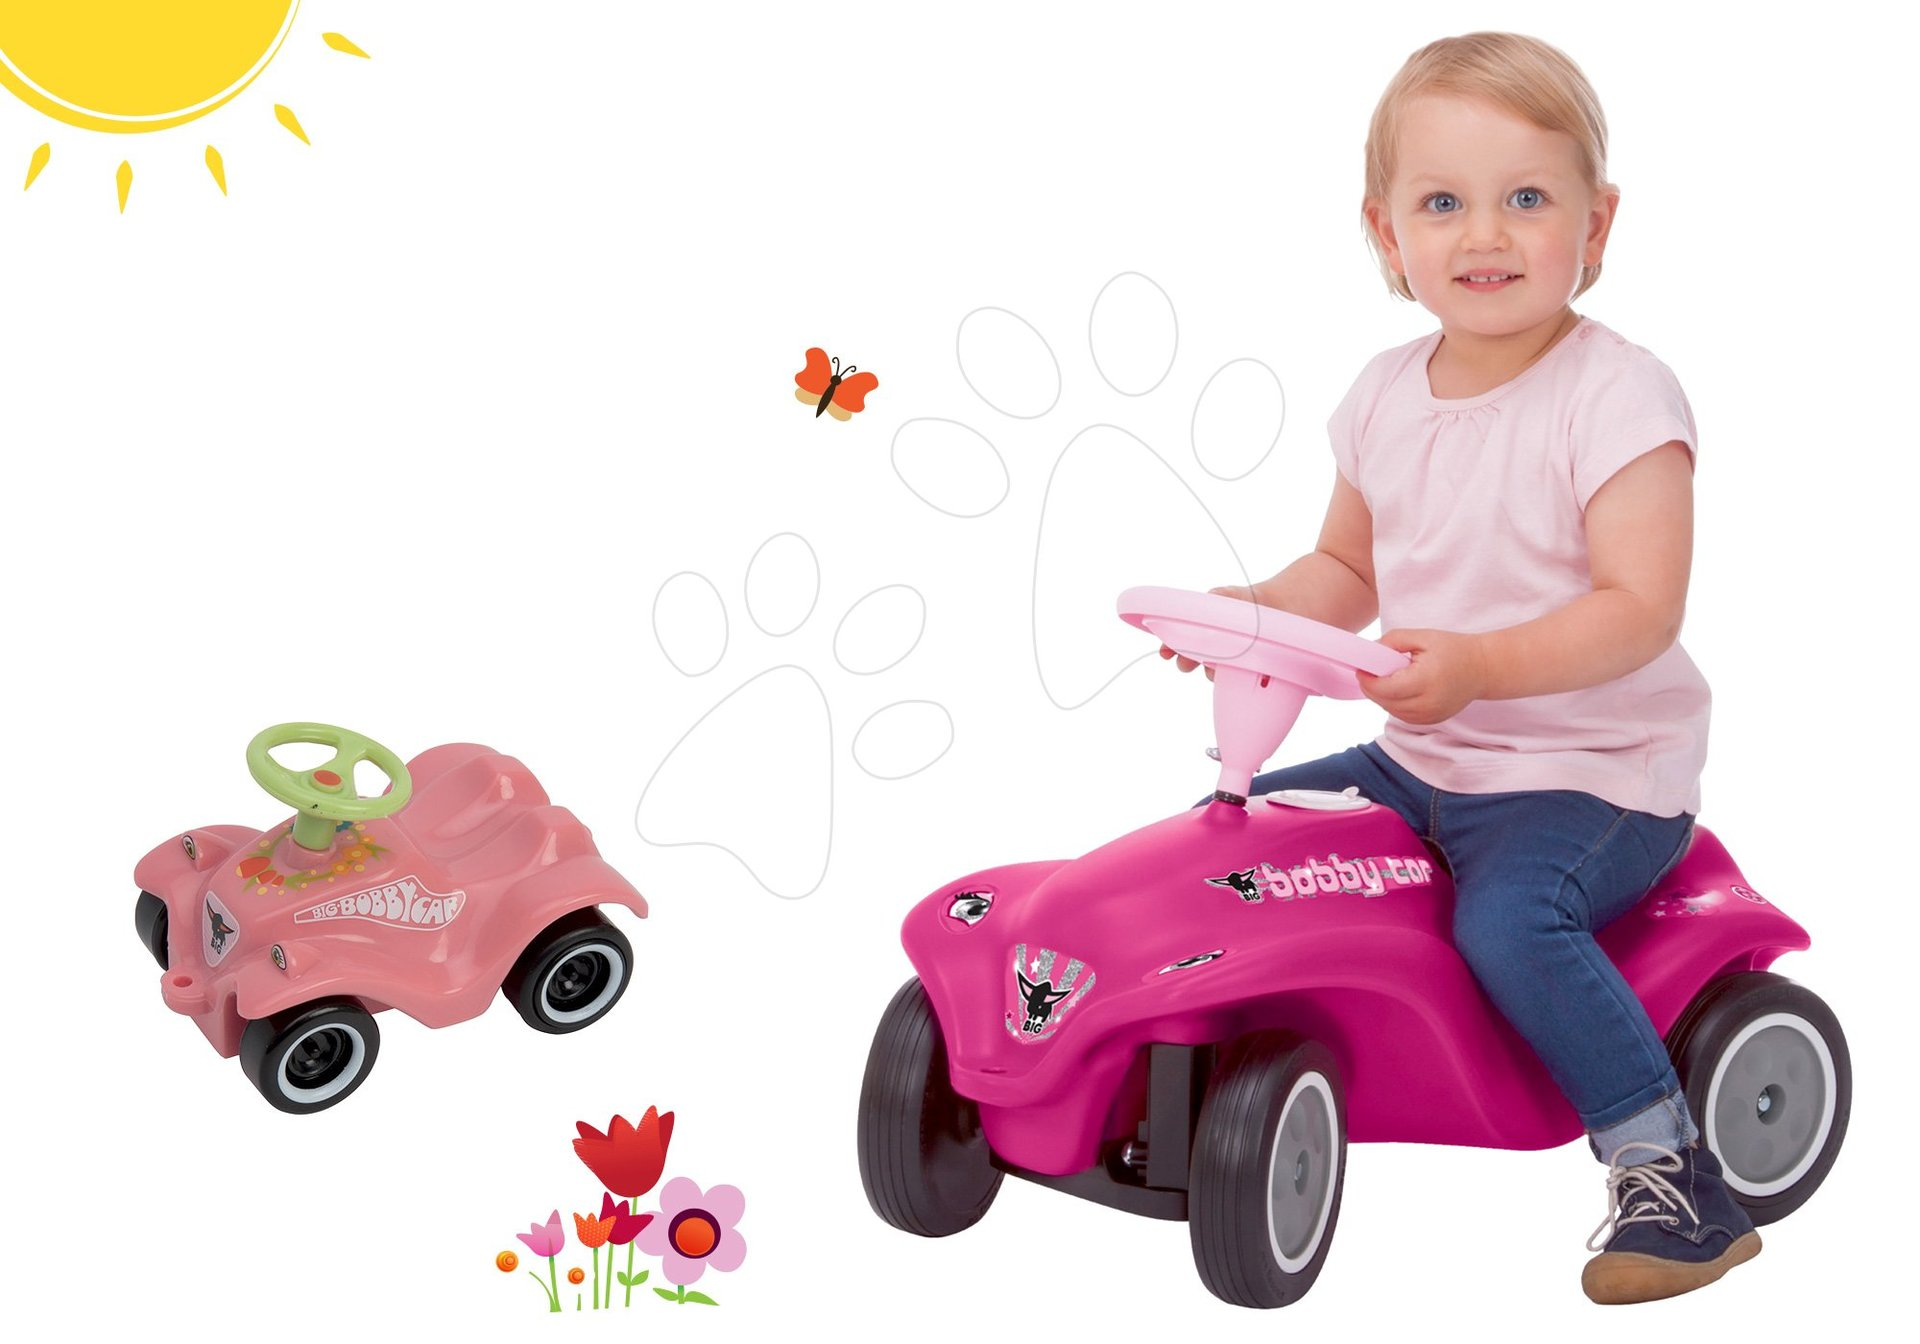 Odrážadlá sety - Set ružové odrážadlo New Bobby Minnie s klaksónom a ružové skladacie autíčko Mini Bobby od 12 mes